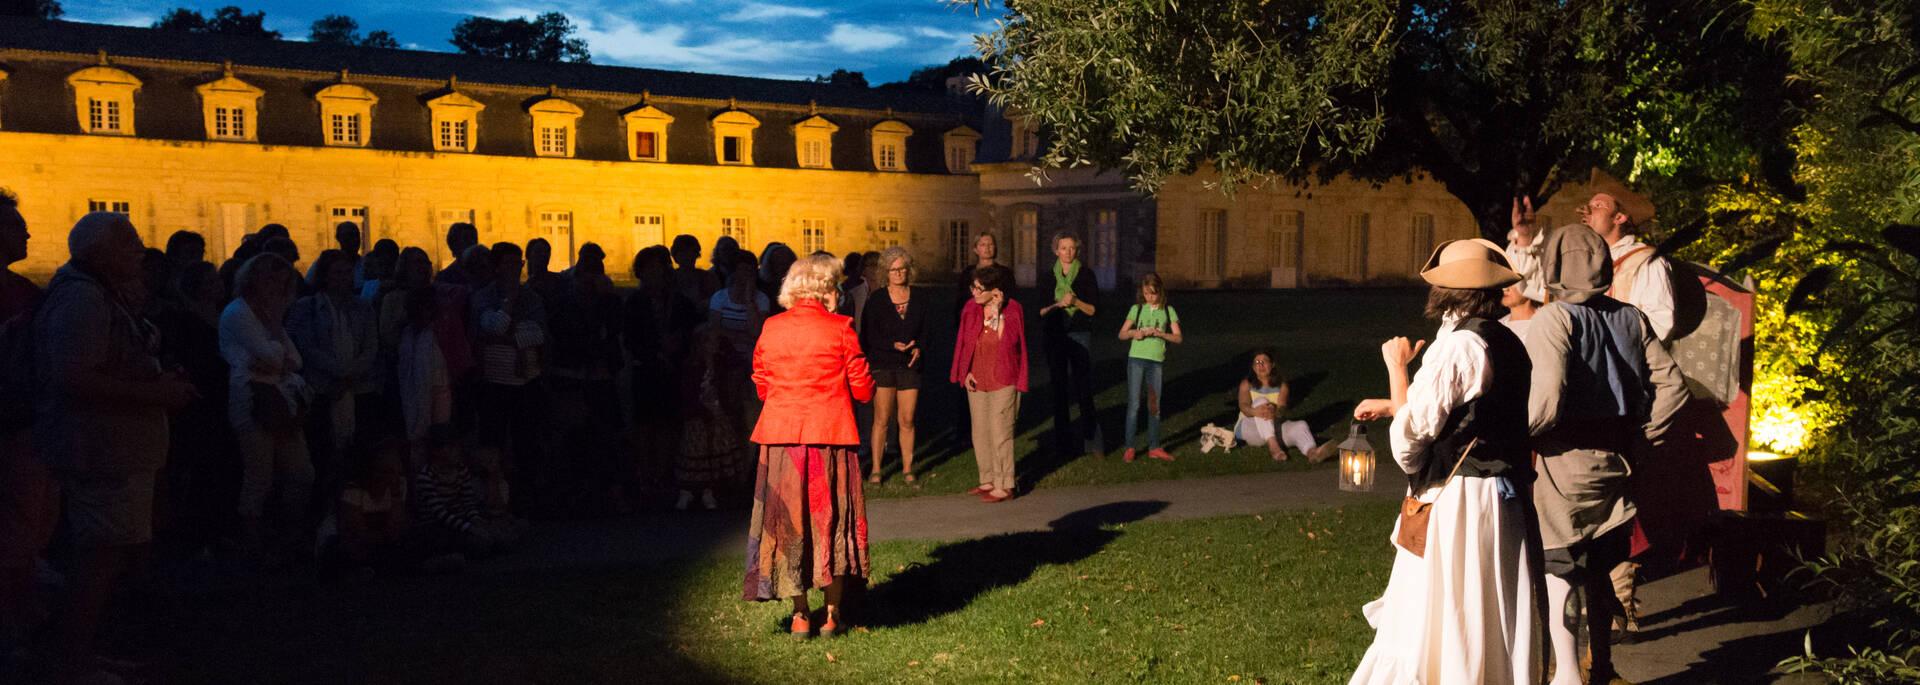 Les noctambulations : les visites théâtralisées sur l'histoire de l'arsenal de Rochefort en été - © David Compain - Ville de Rochefort